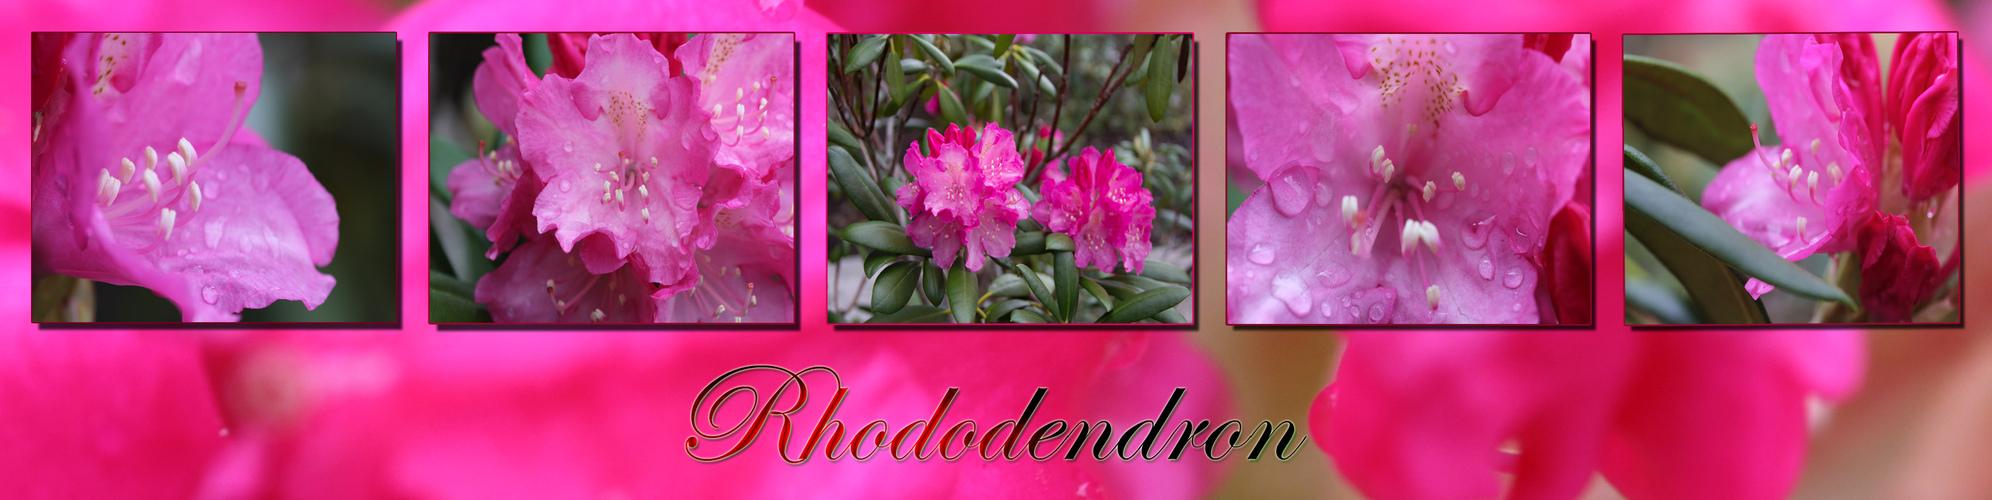 Rhododrendon - Collage